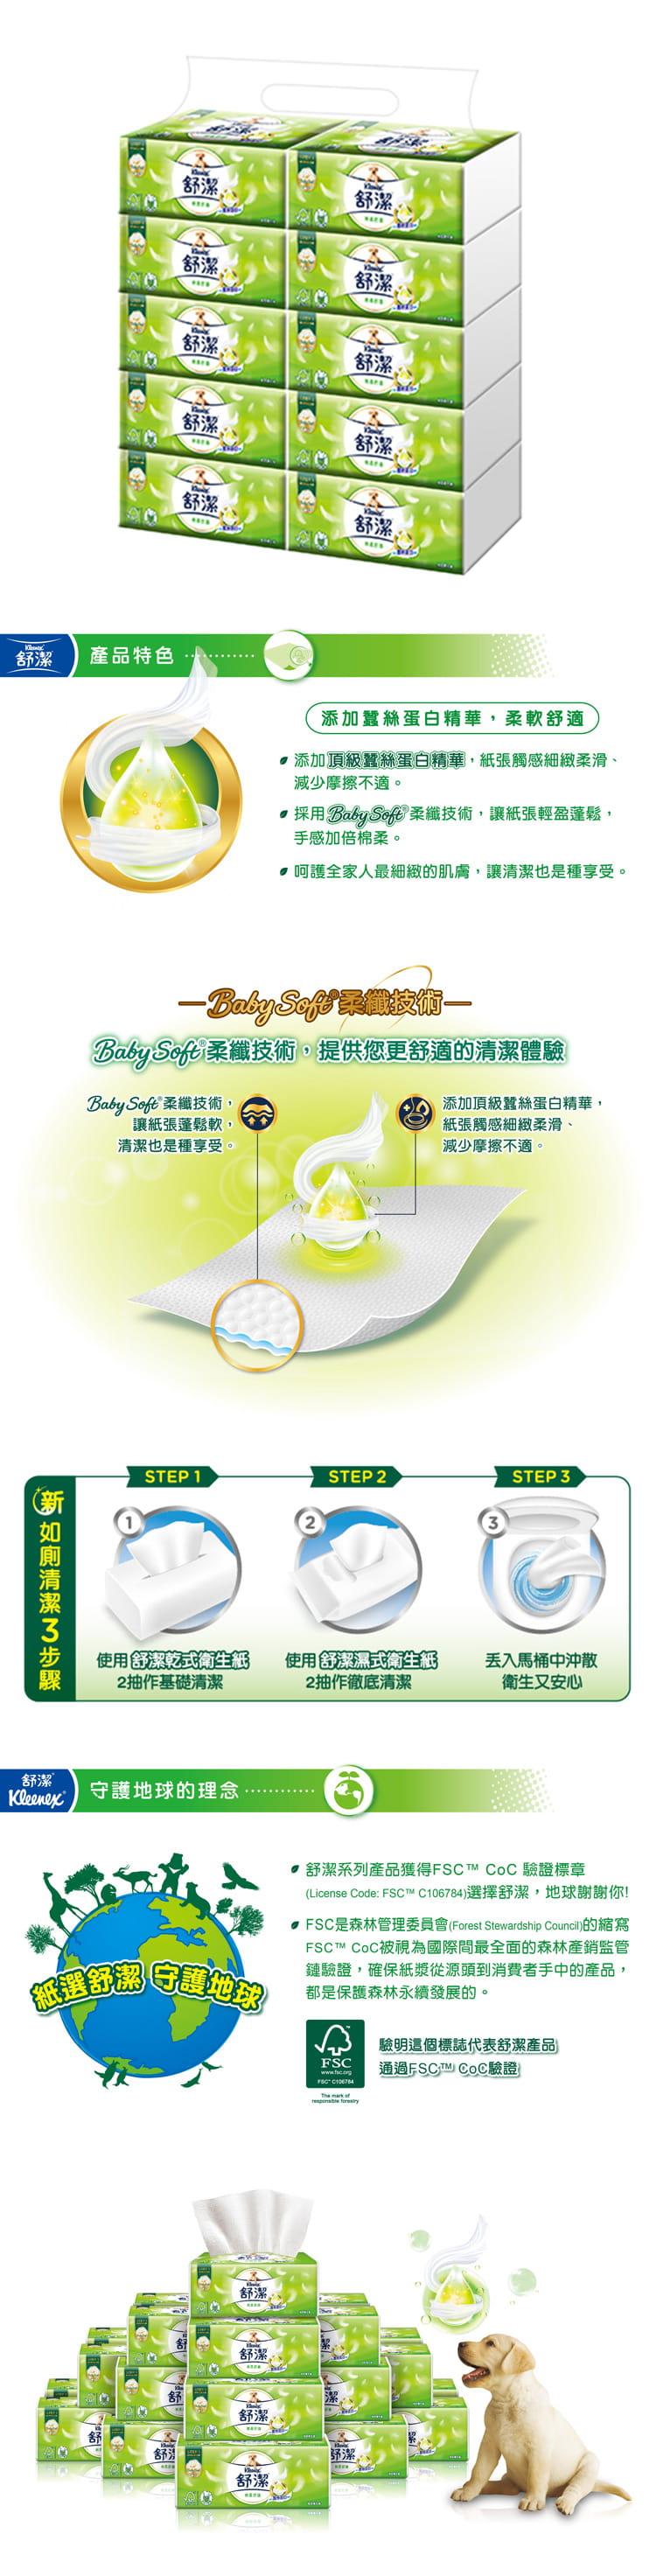 【雙11限定】舒潔 棉柔舒適抽取衛生紙(100抽x40包/箱) 1